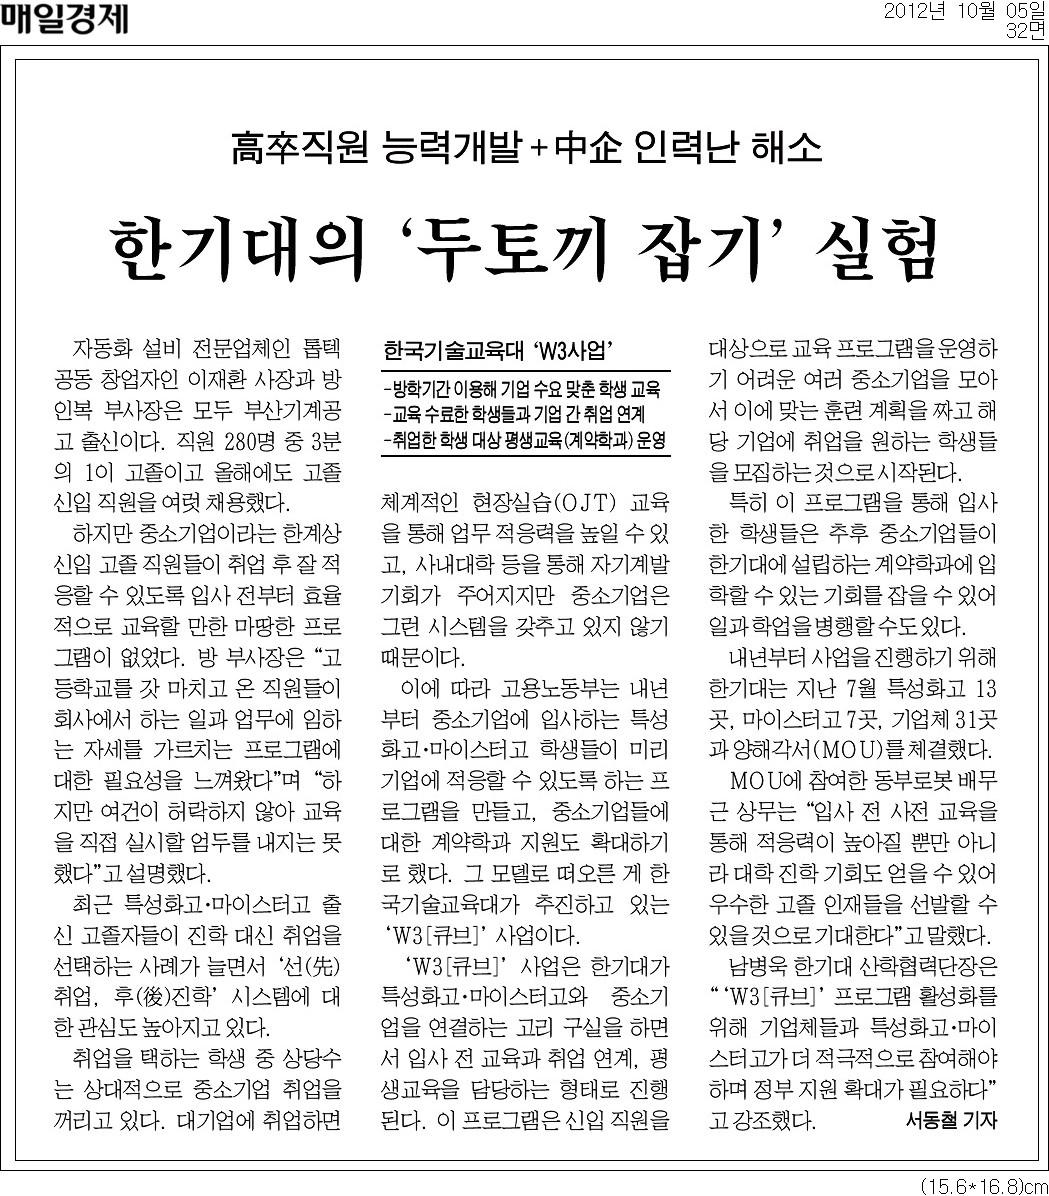 [매일경제신문]한기대의 `두토끼 잡기` 실험